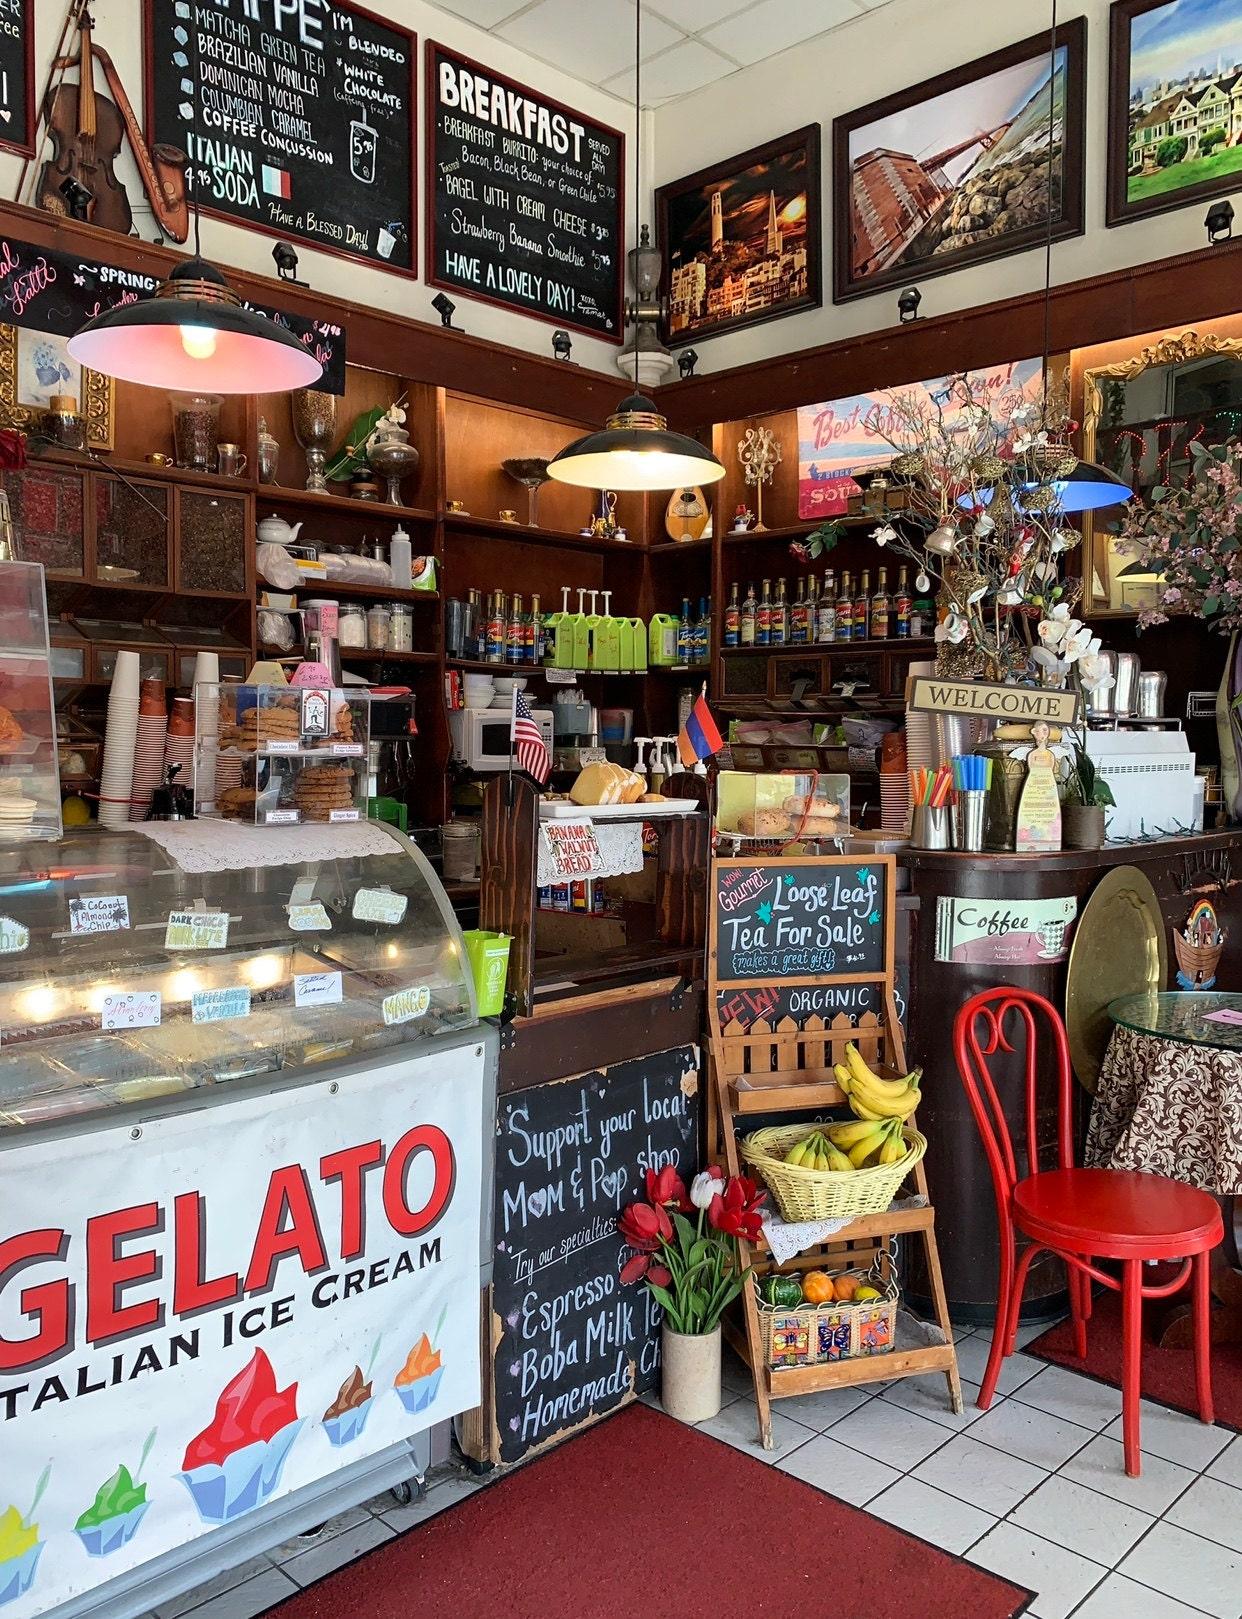 Cafe Cantata